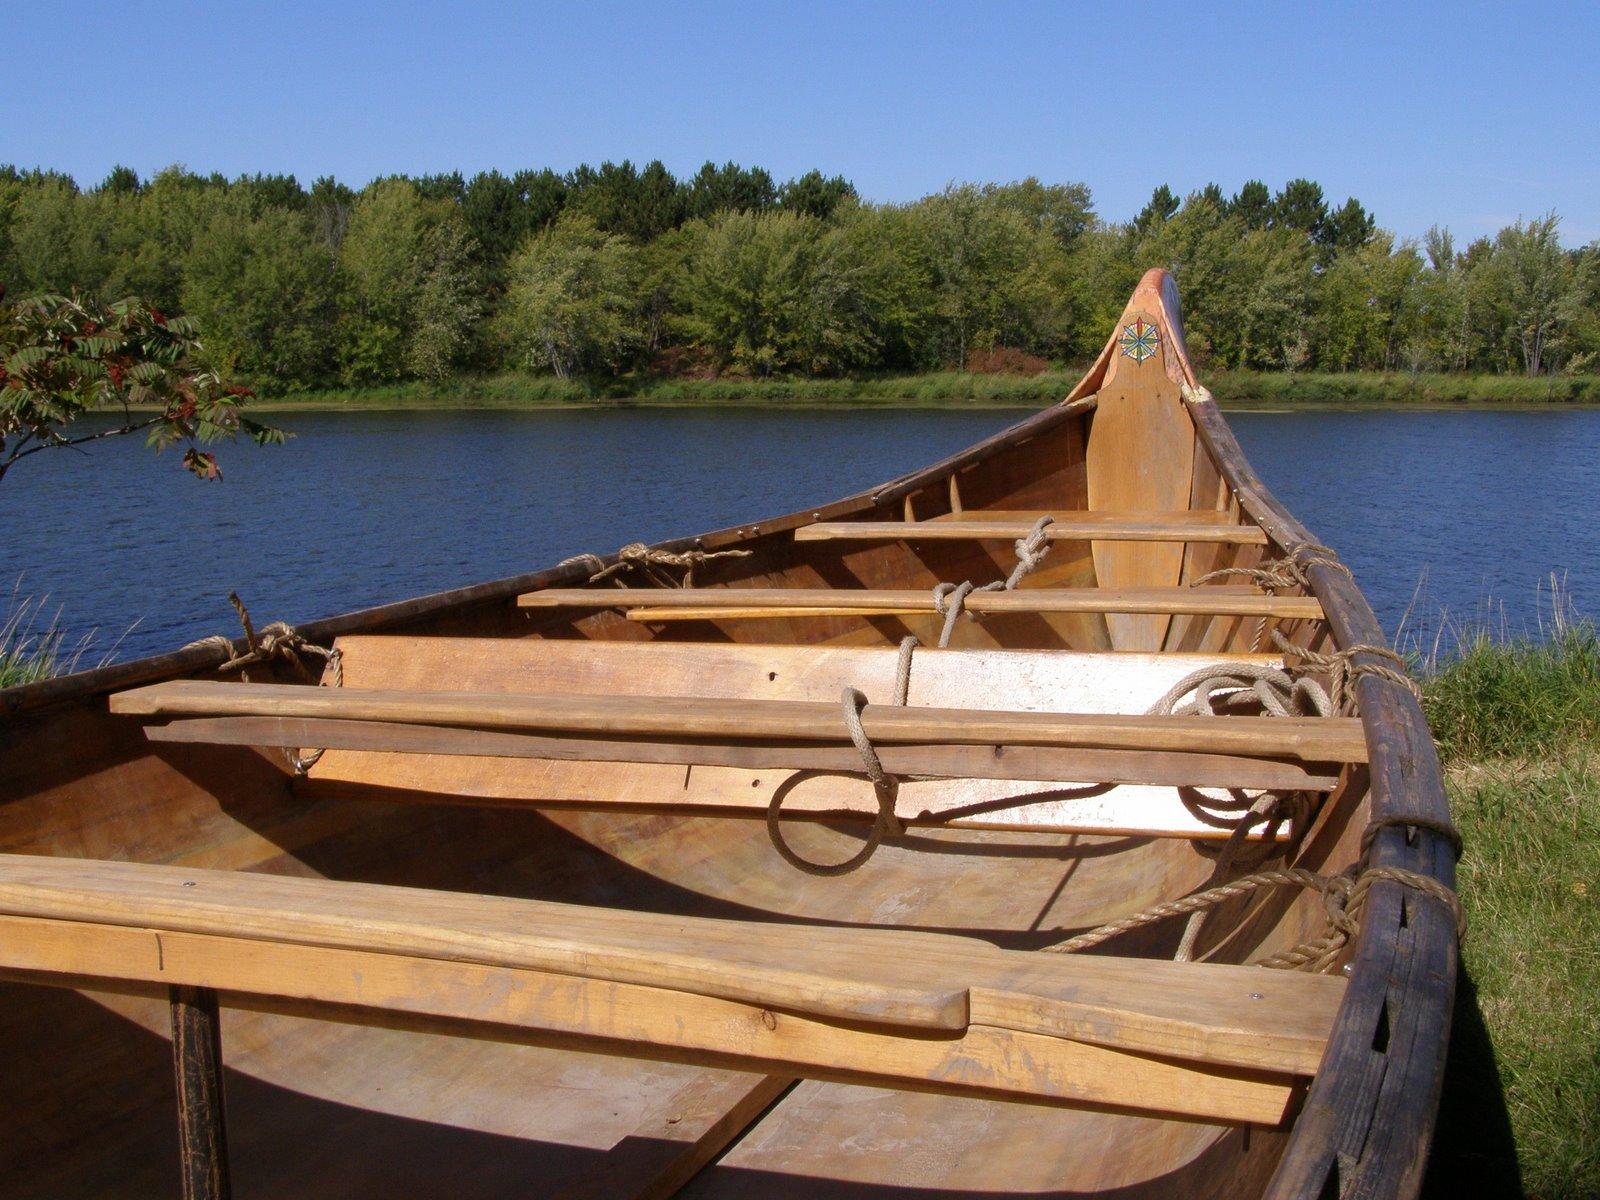 voyageur canoe, snake river, minnesota